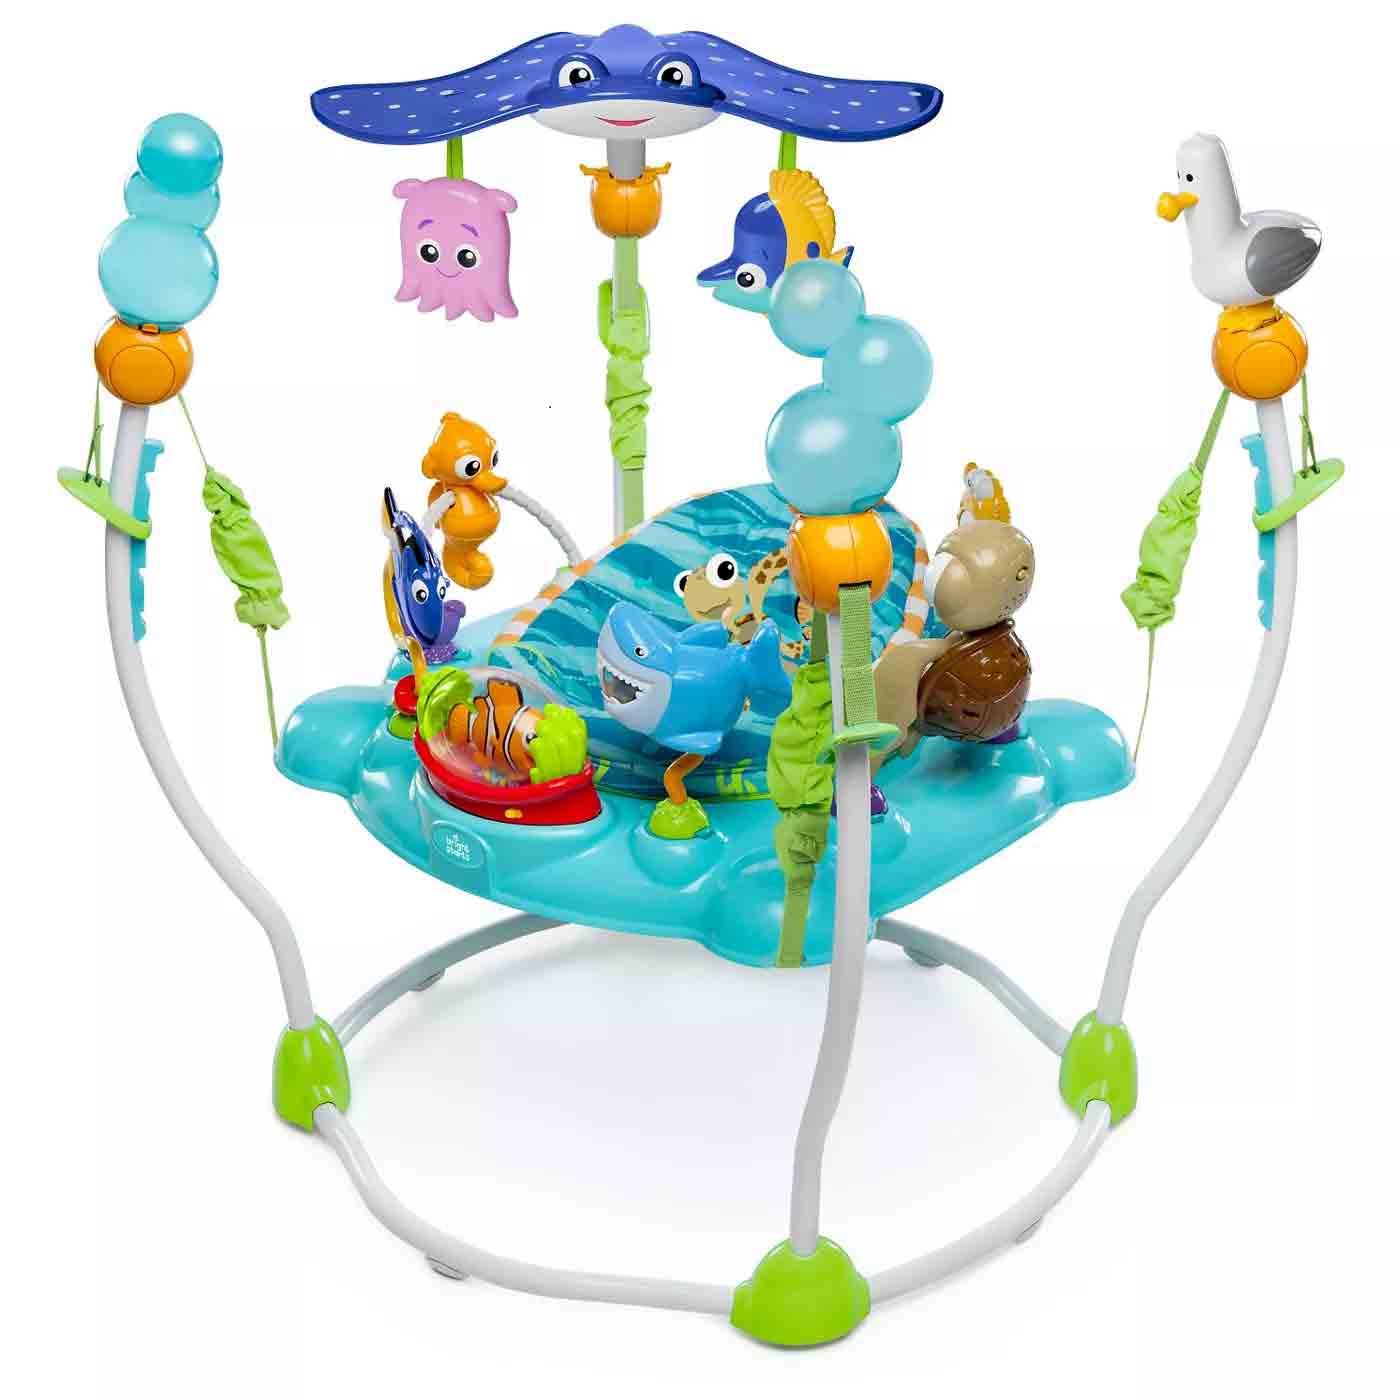 The Disney Baby Finding Nemo Sea of Activities Jumper